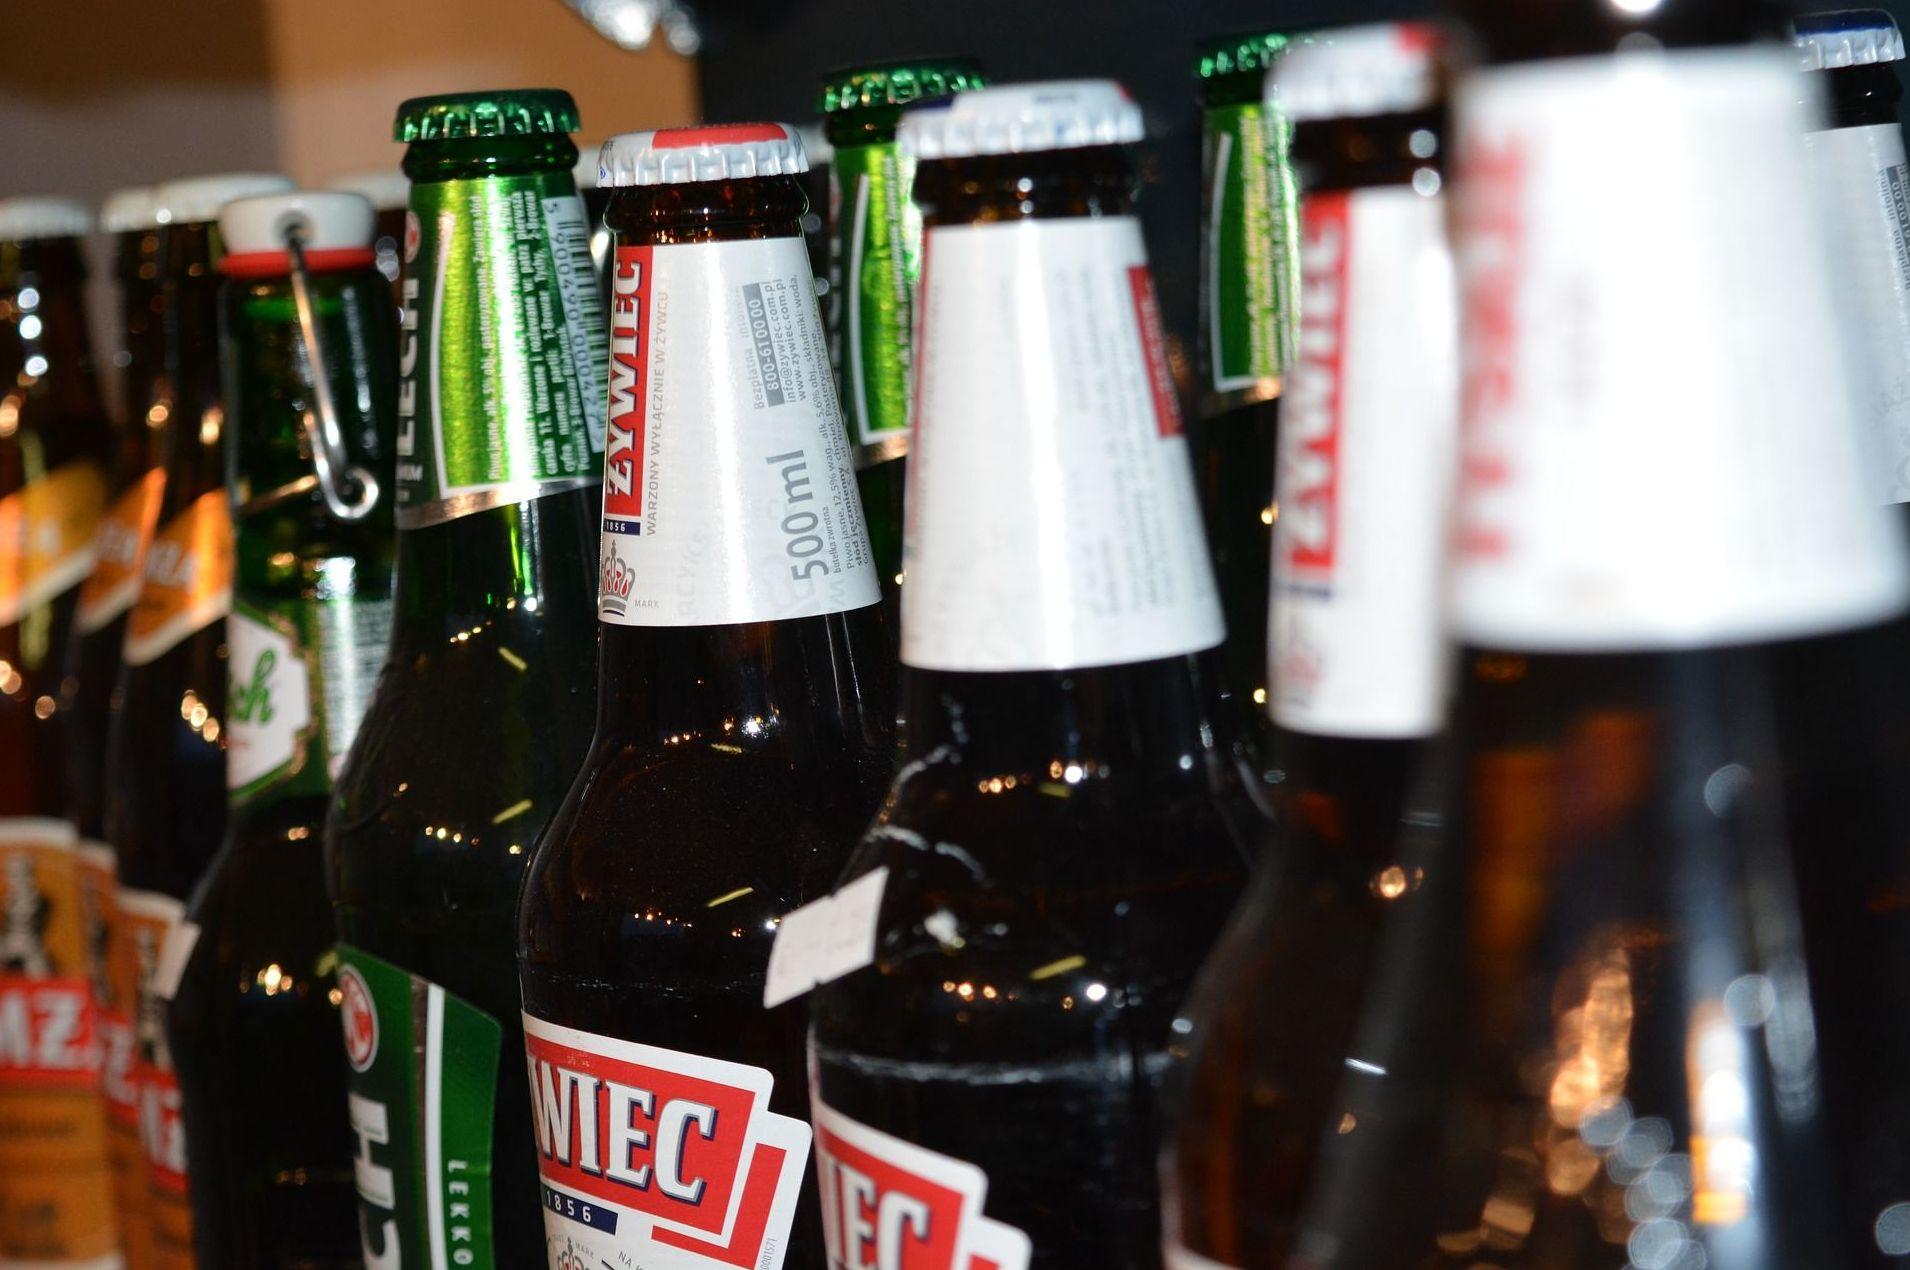 Amplia selección de cervezas de importación